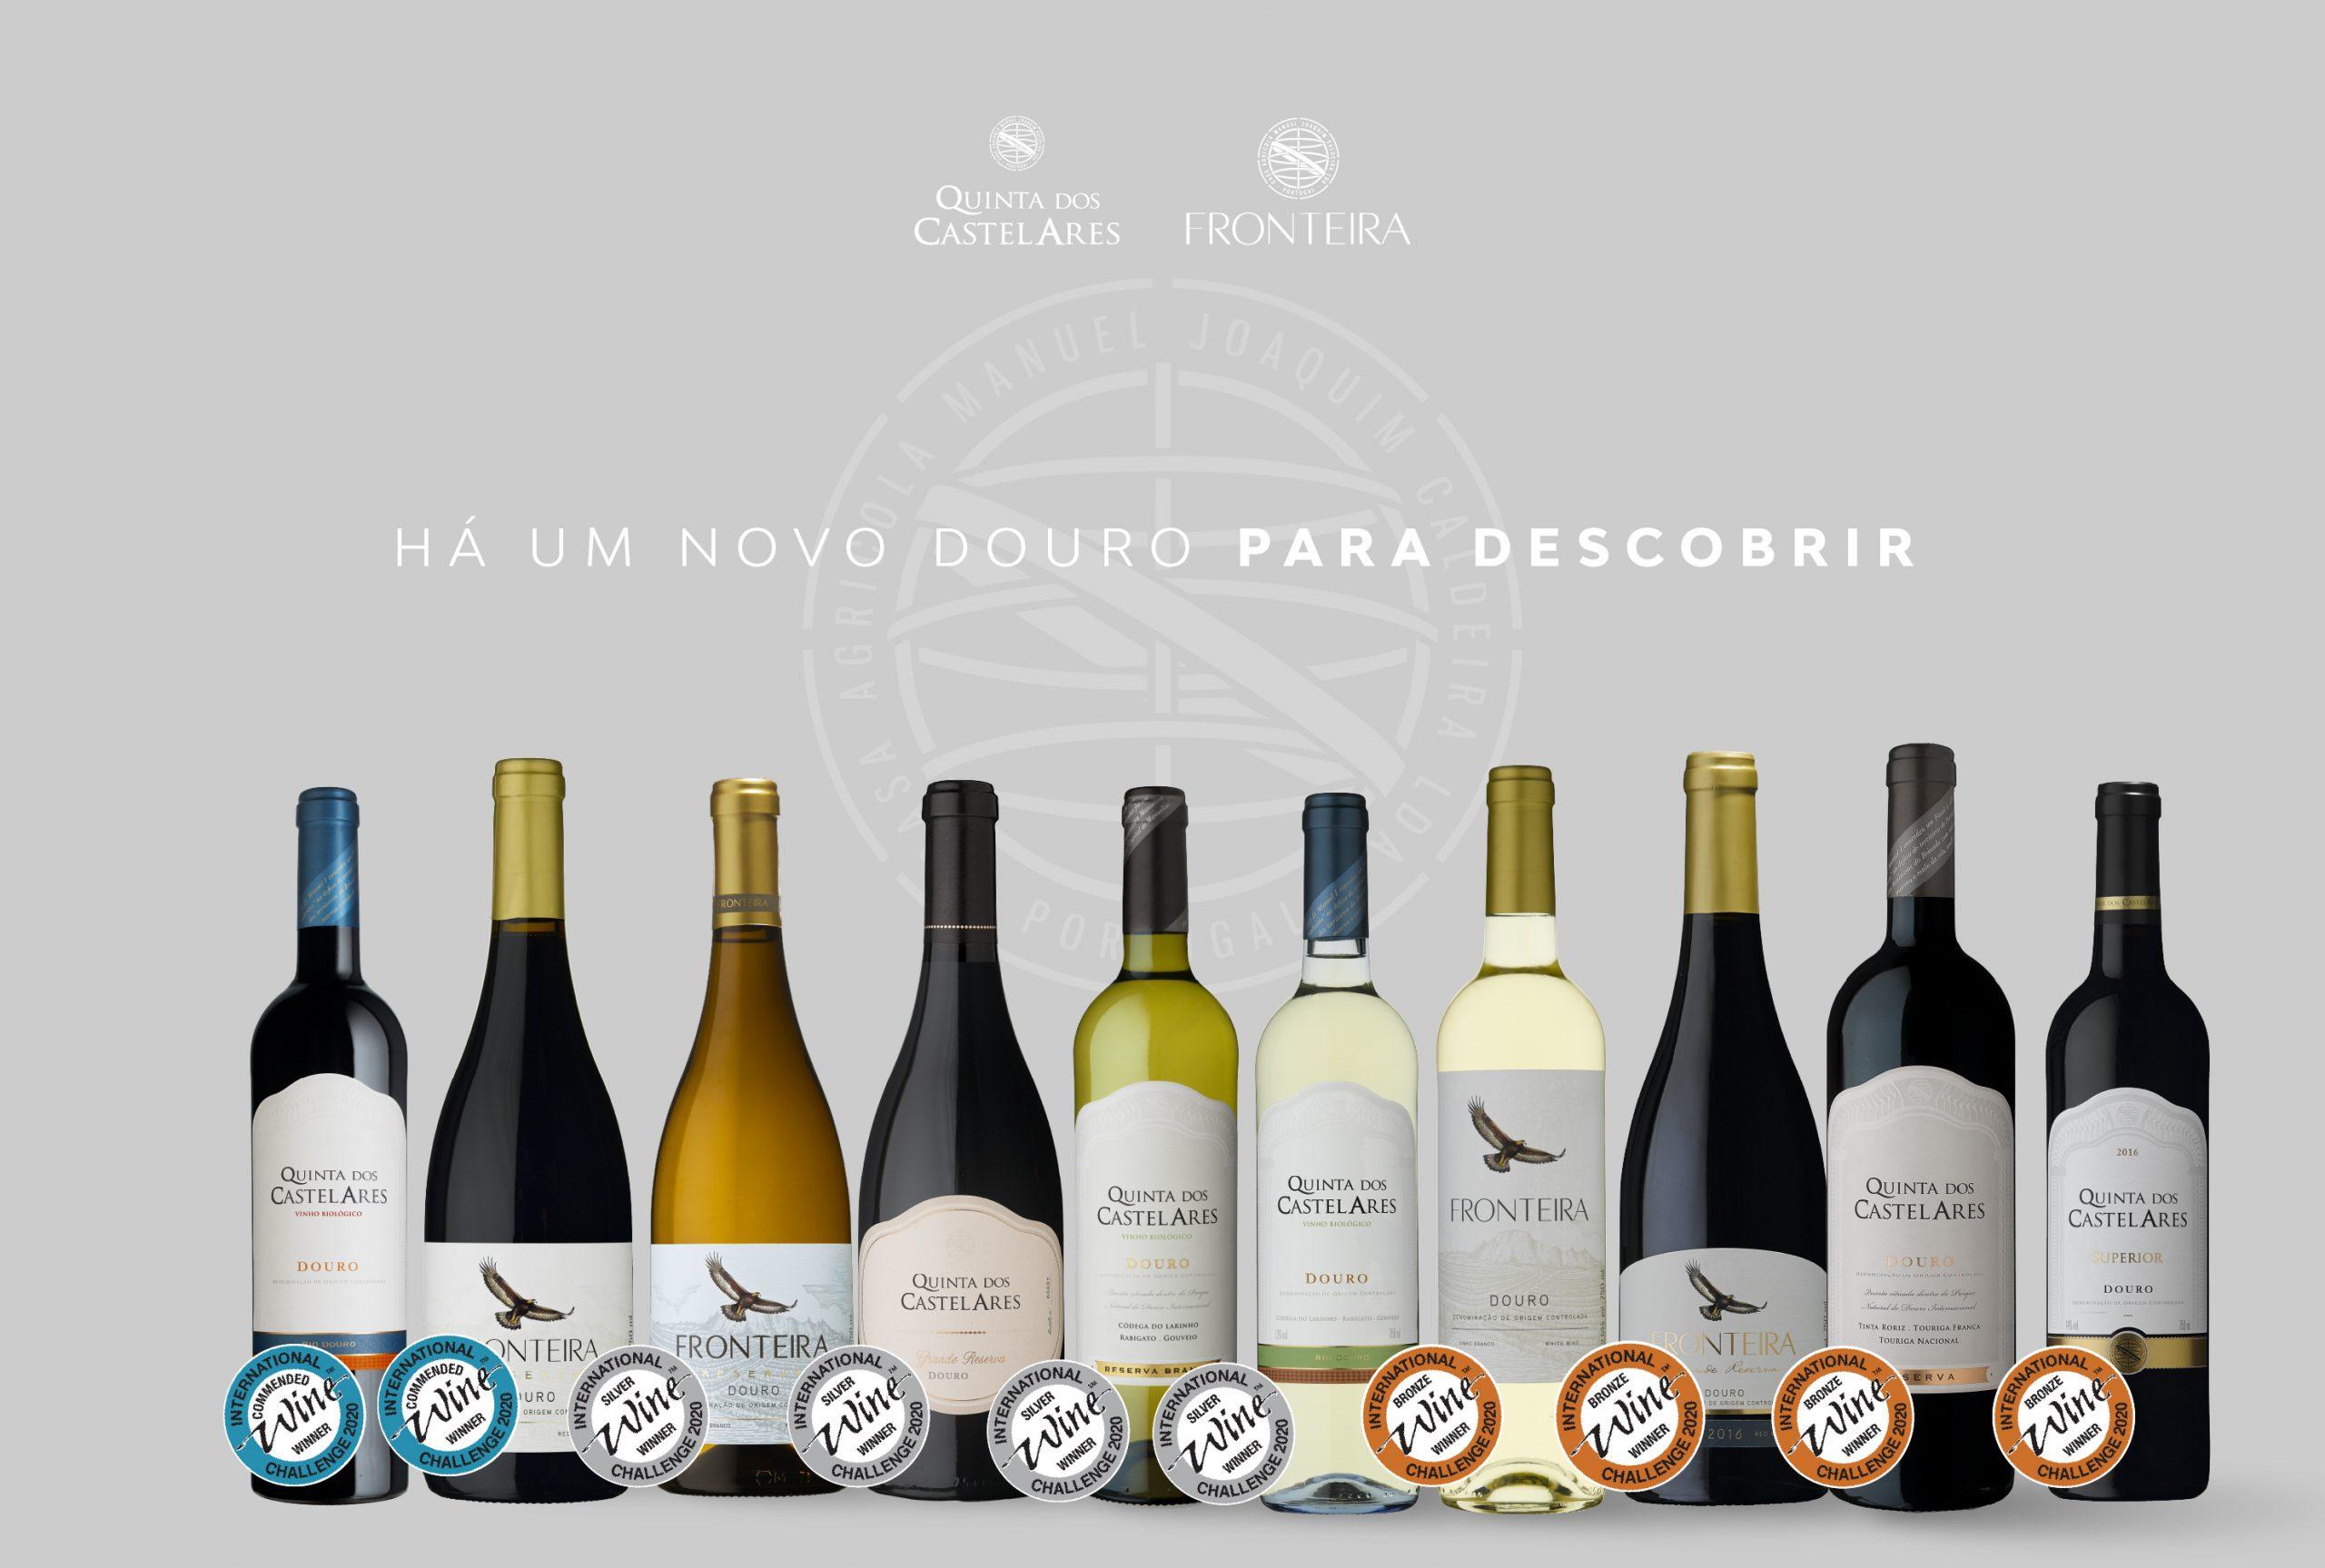 Quinta dos Castelares premiada com 10 medalhas no International Wine Challenger